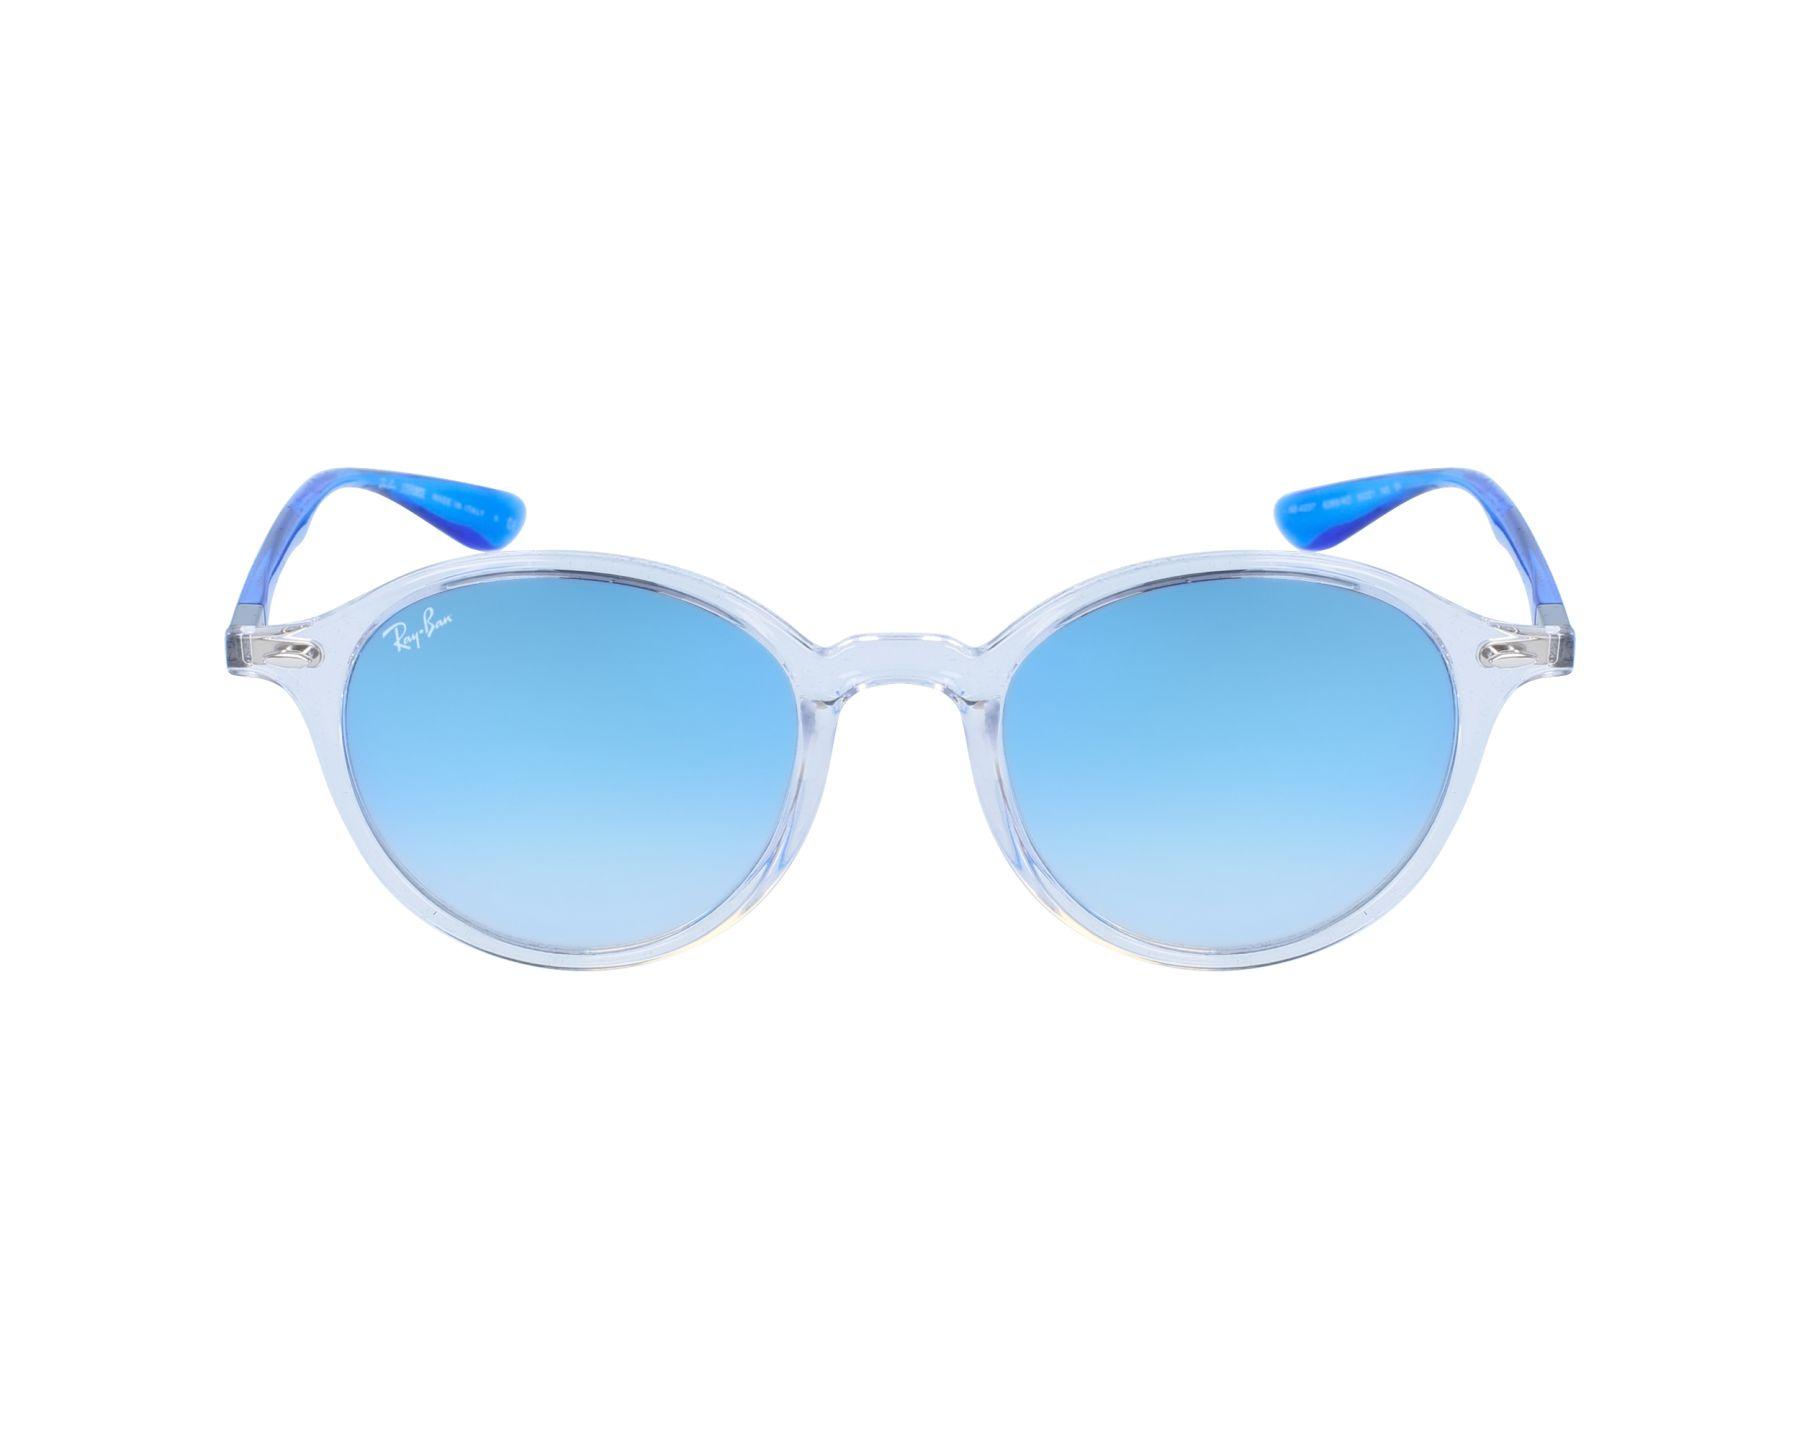 b148b0f5fcdc92 Sonnenbrillen Ray-Ban RB-4237 62894O 50-21 weiß blau Profilansicht